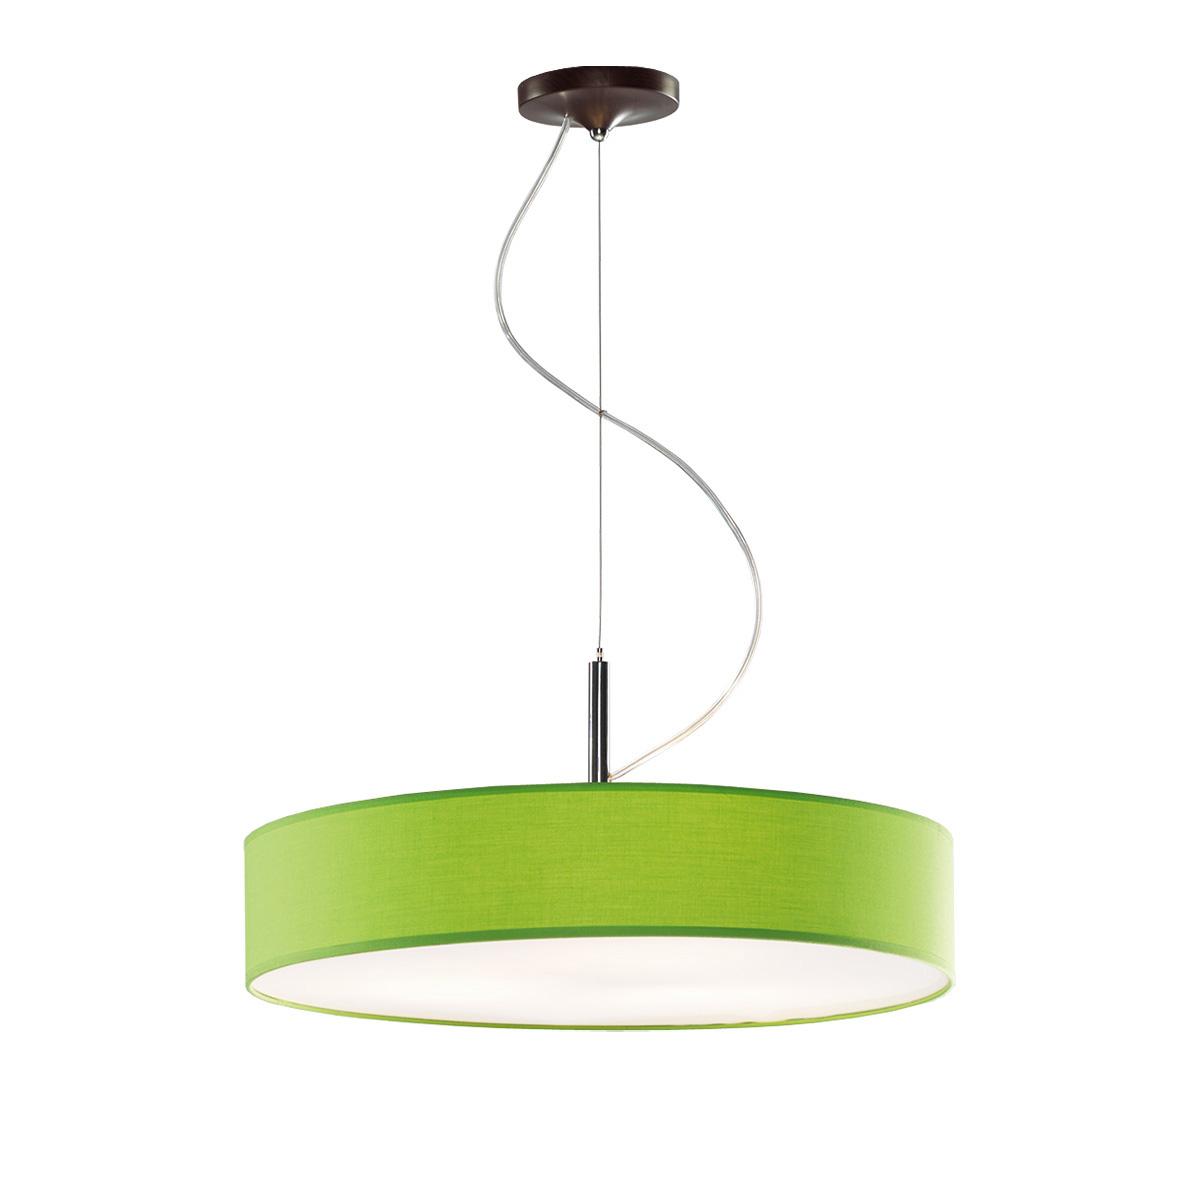 Κρεμαστό πράσινο μονόφωτο DISCO ZEN hanging lamp with green shade